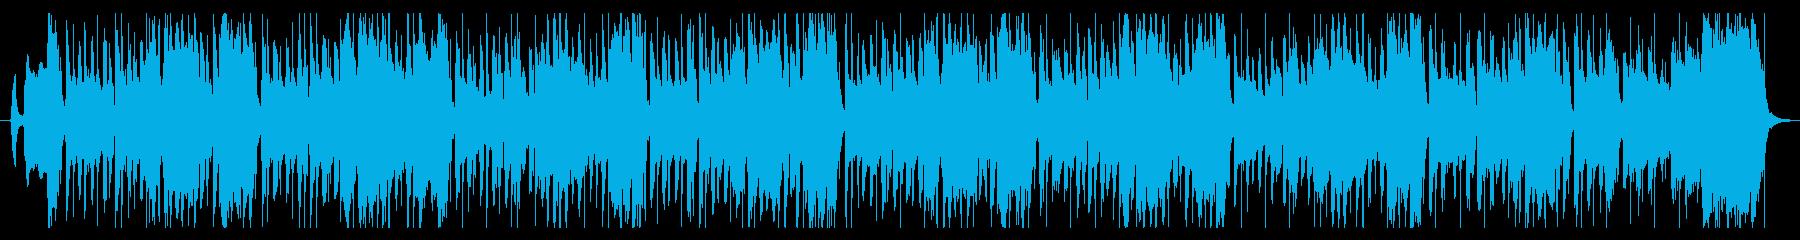 ループ可・暑い夏でも良く合うスカサウンドの再生済みの波形